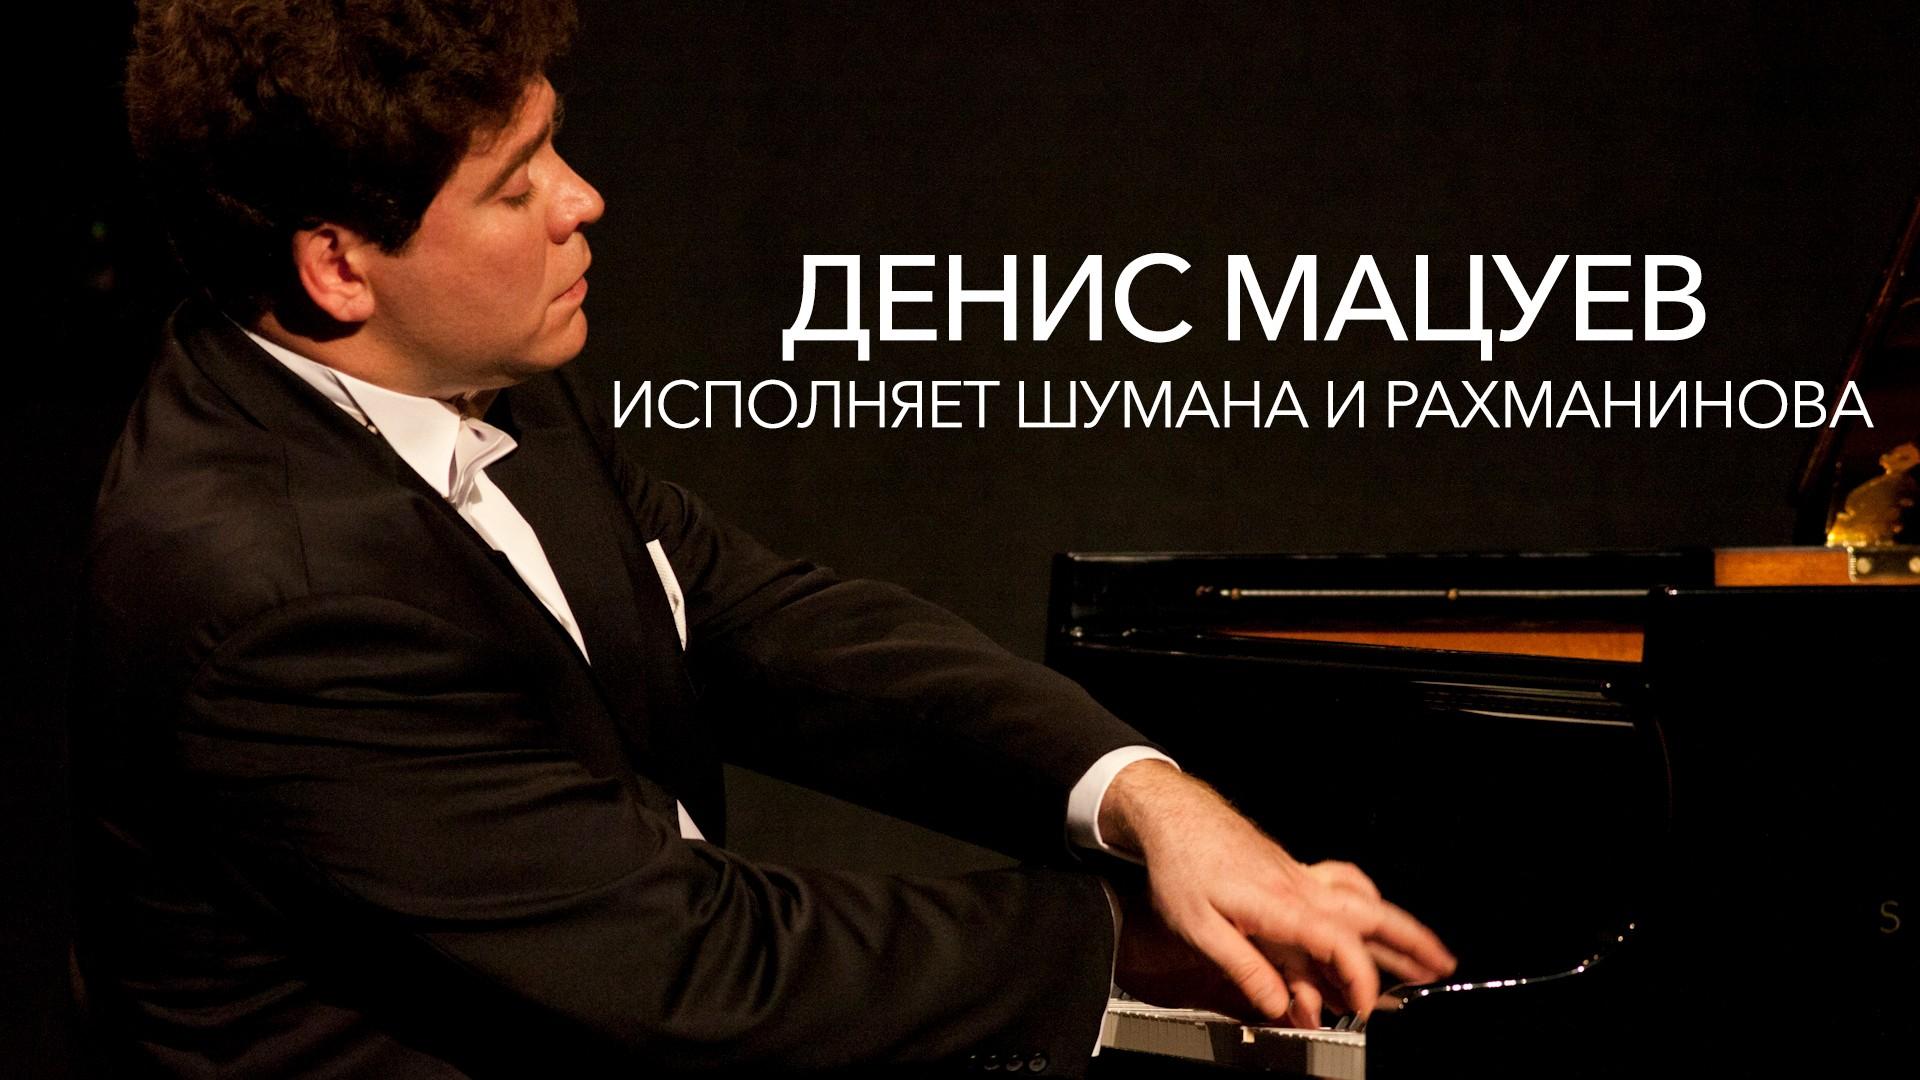 Денис Мацуев исполняет Шумана и Рахманинова